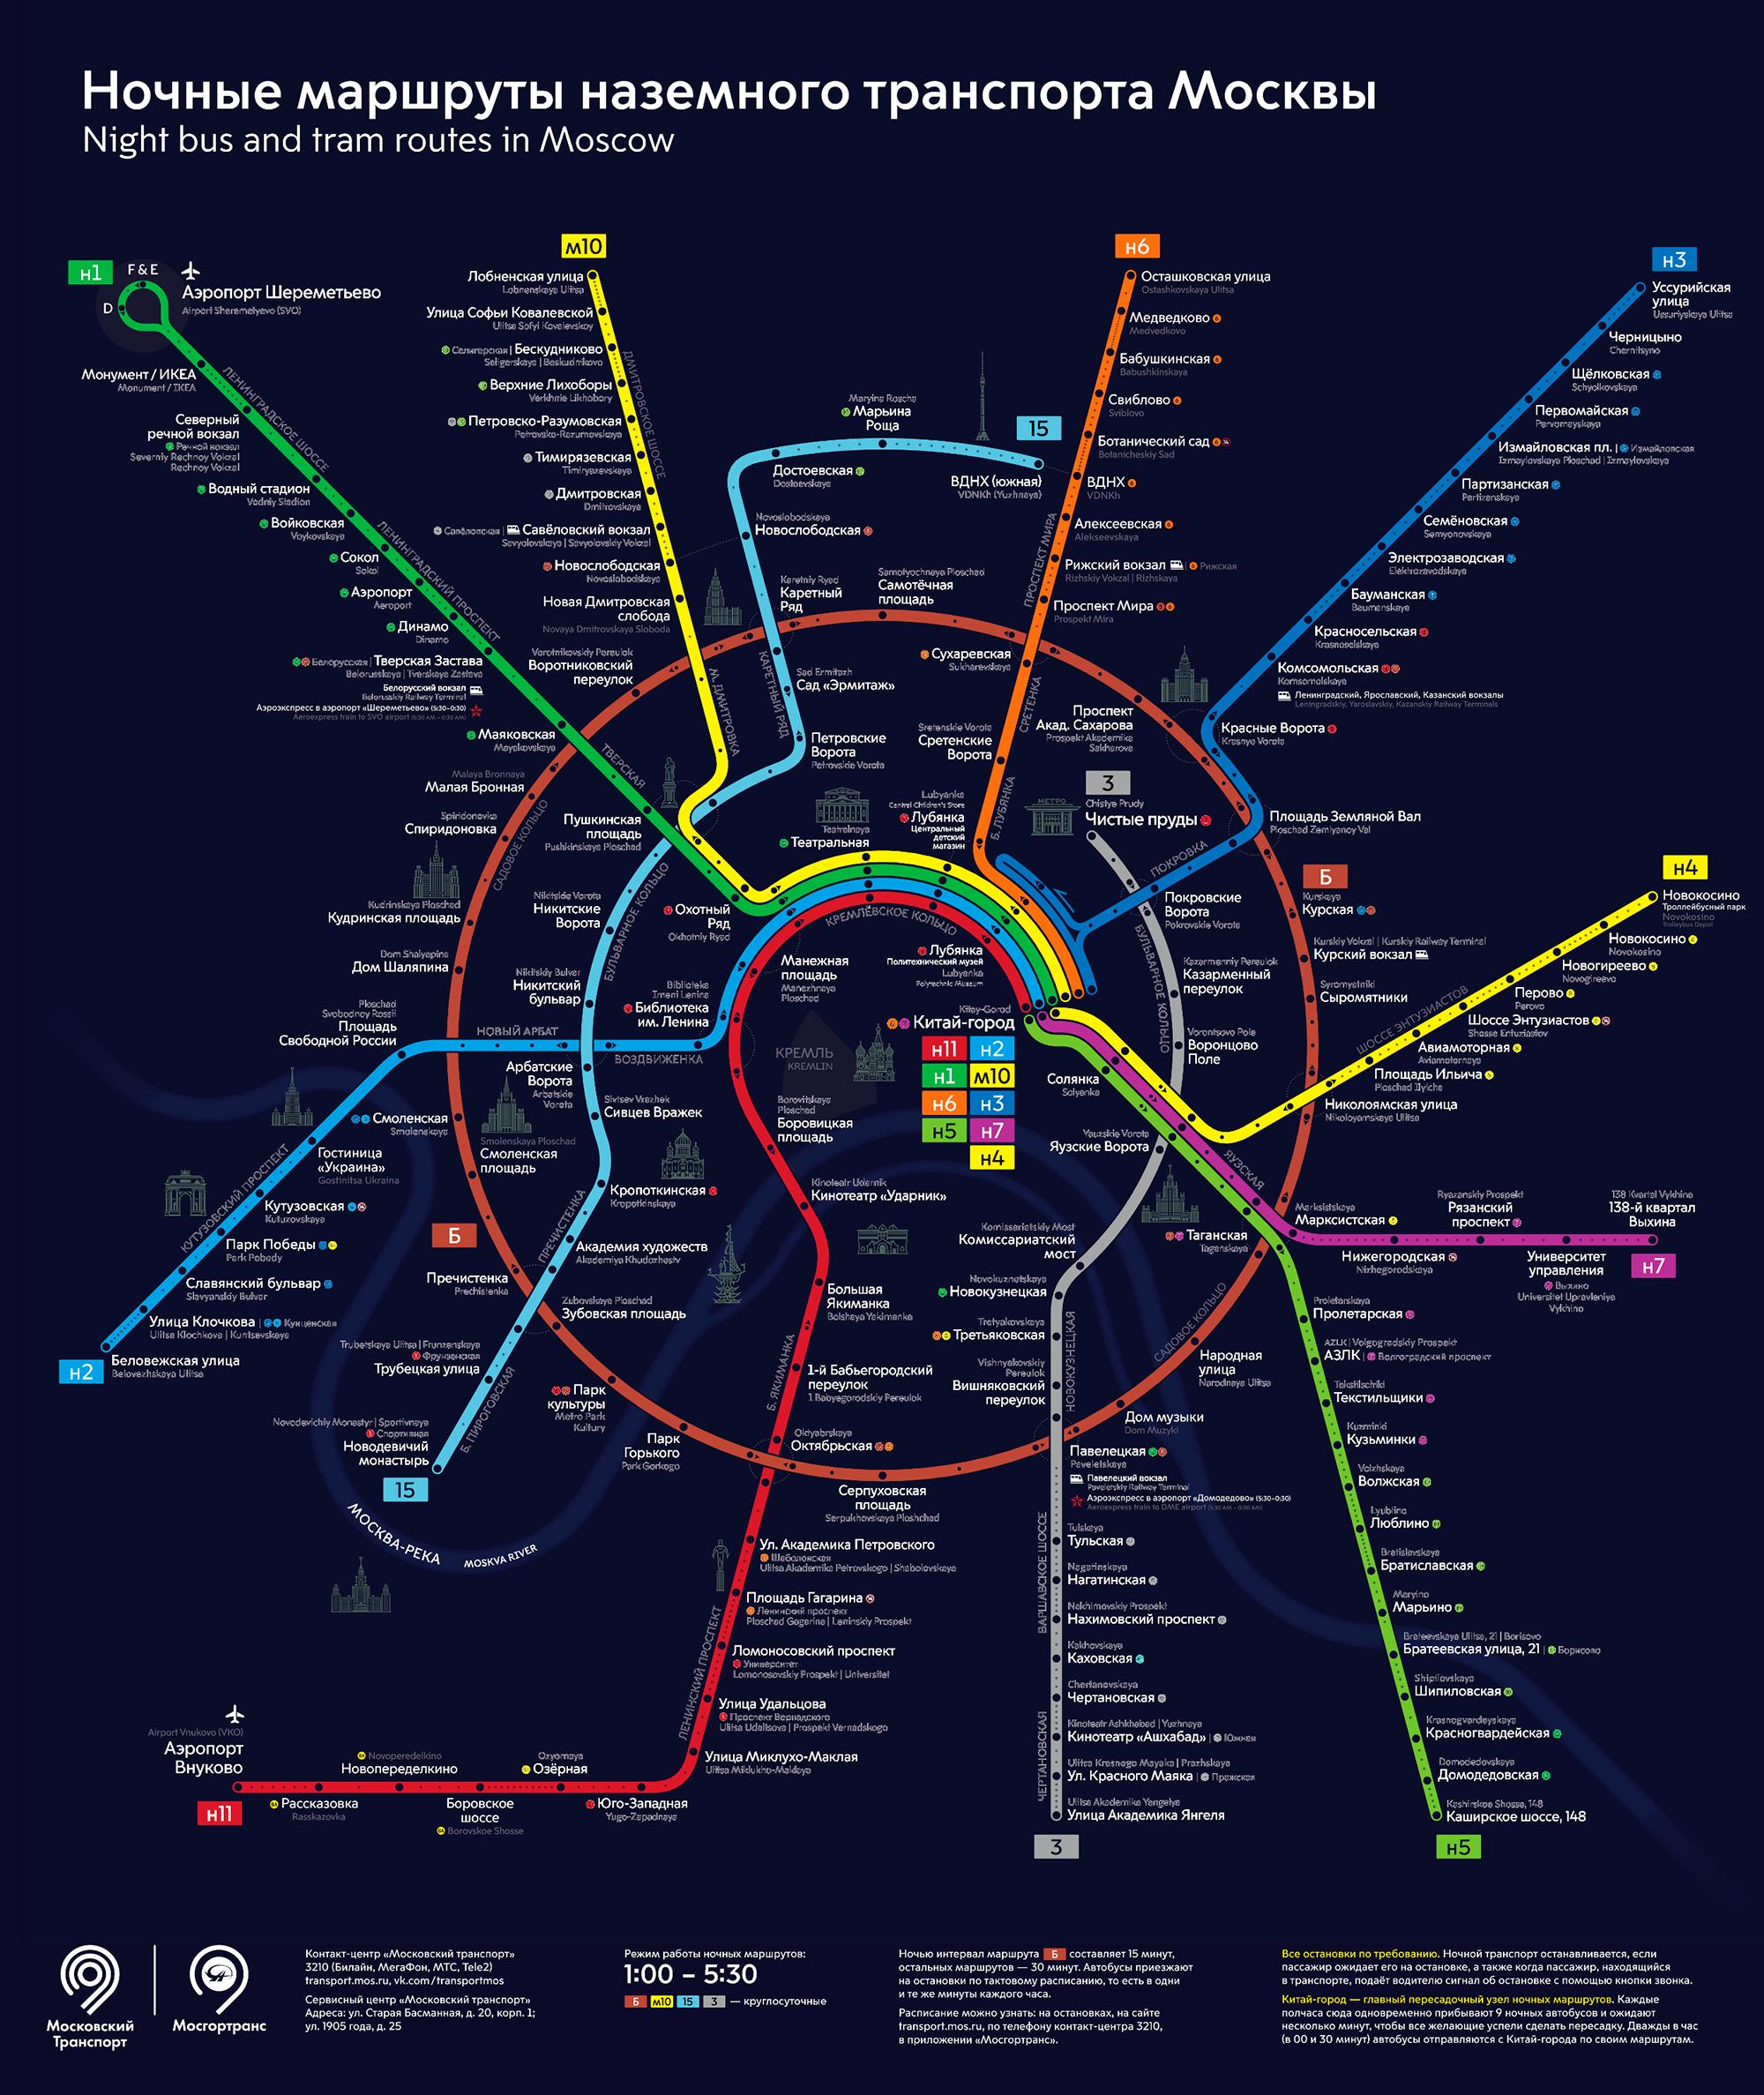 схема метро москва 2020 год с аэропортами и аэроэкспрессами